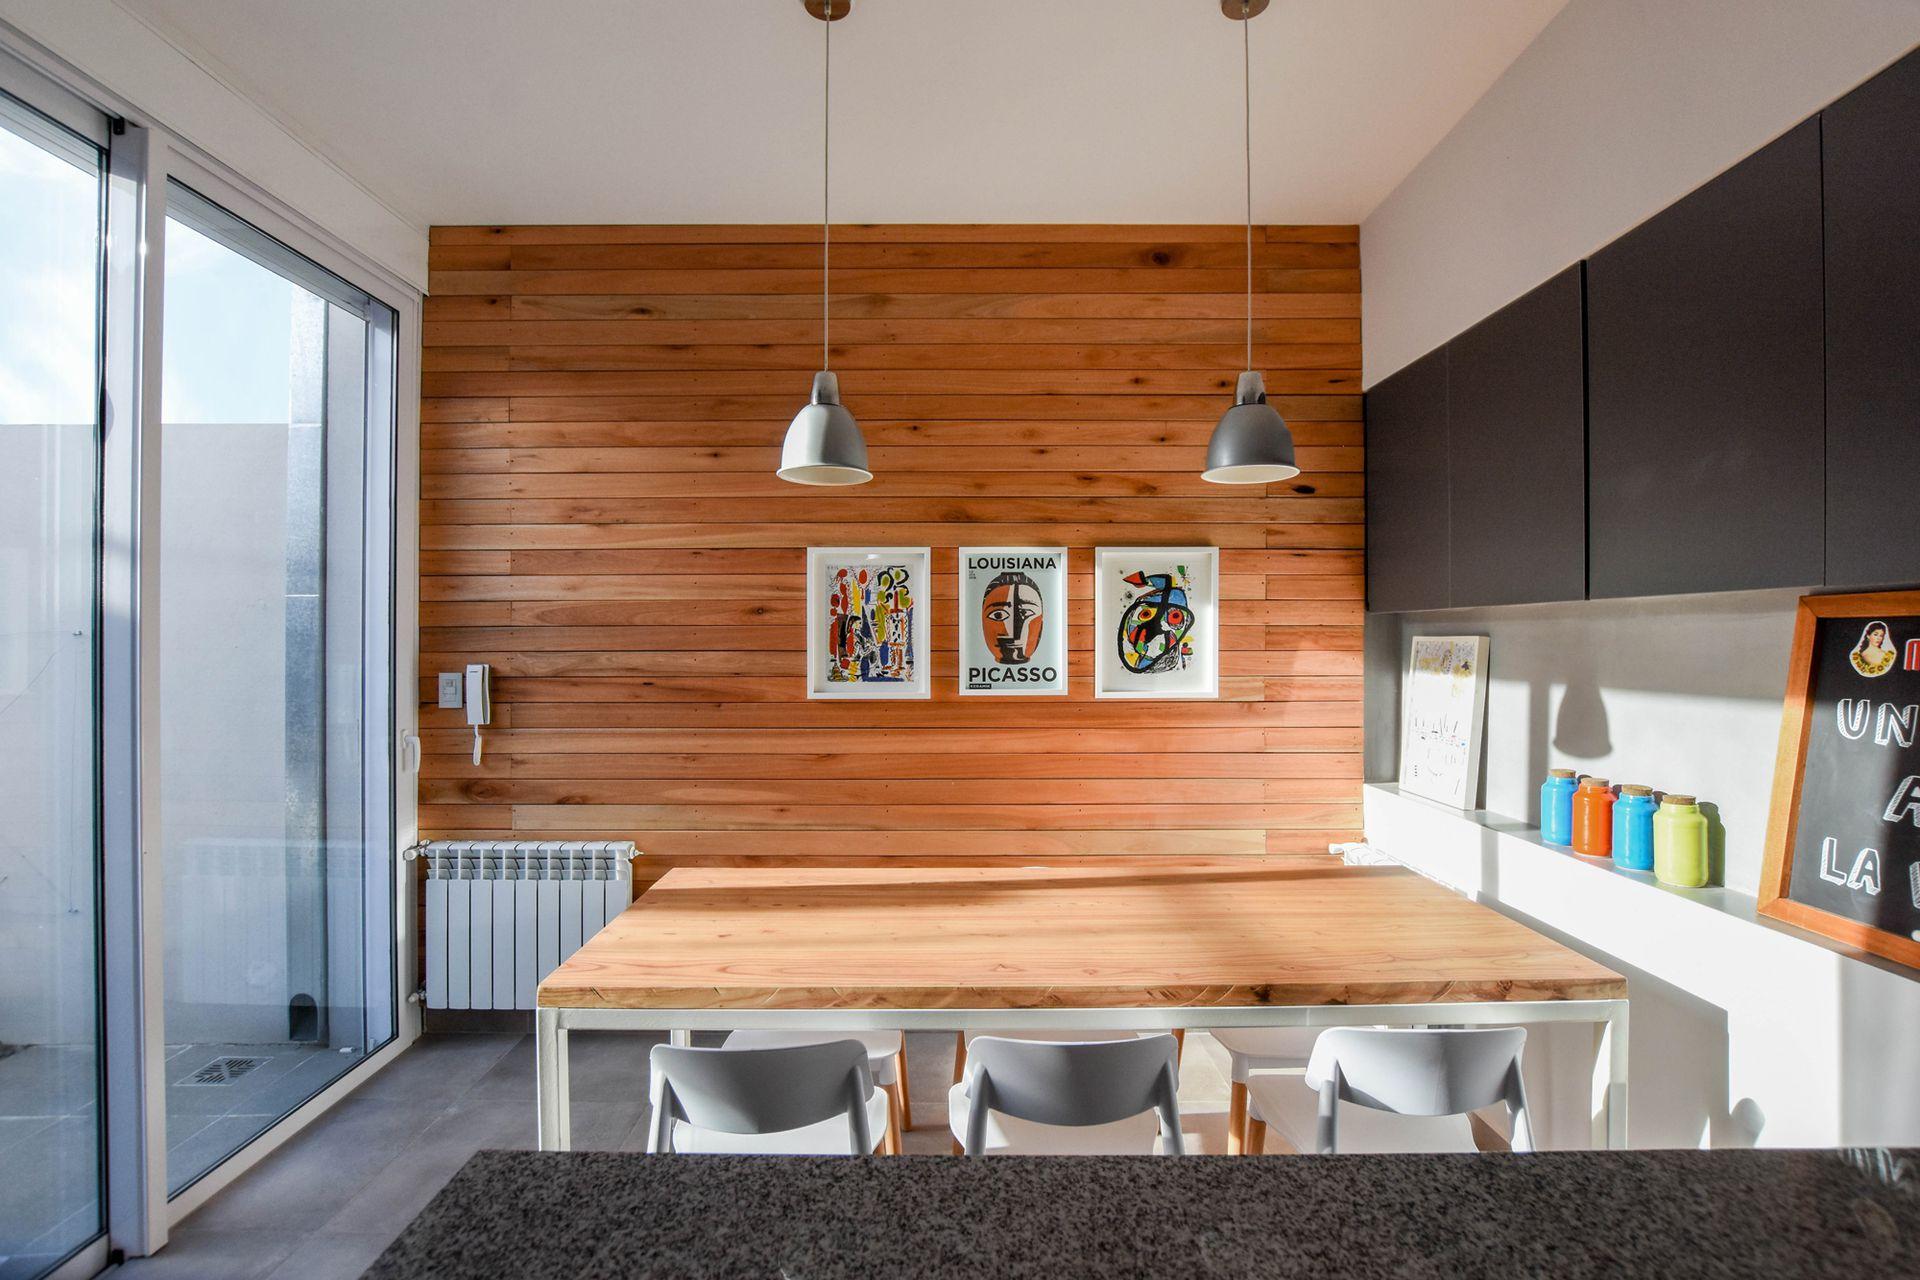 Para compensar del acero, en el comedor revisitó una pared a modo de deck vertical. Mesa con base de hierro pintada de blanco y tapa de paraíso (Estudio MPB) con ruedas, cómoda para llevar al patio. En el mueble de la cabecera, de 15cm de profundidad, guarda frascos y alimentos.